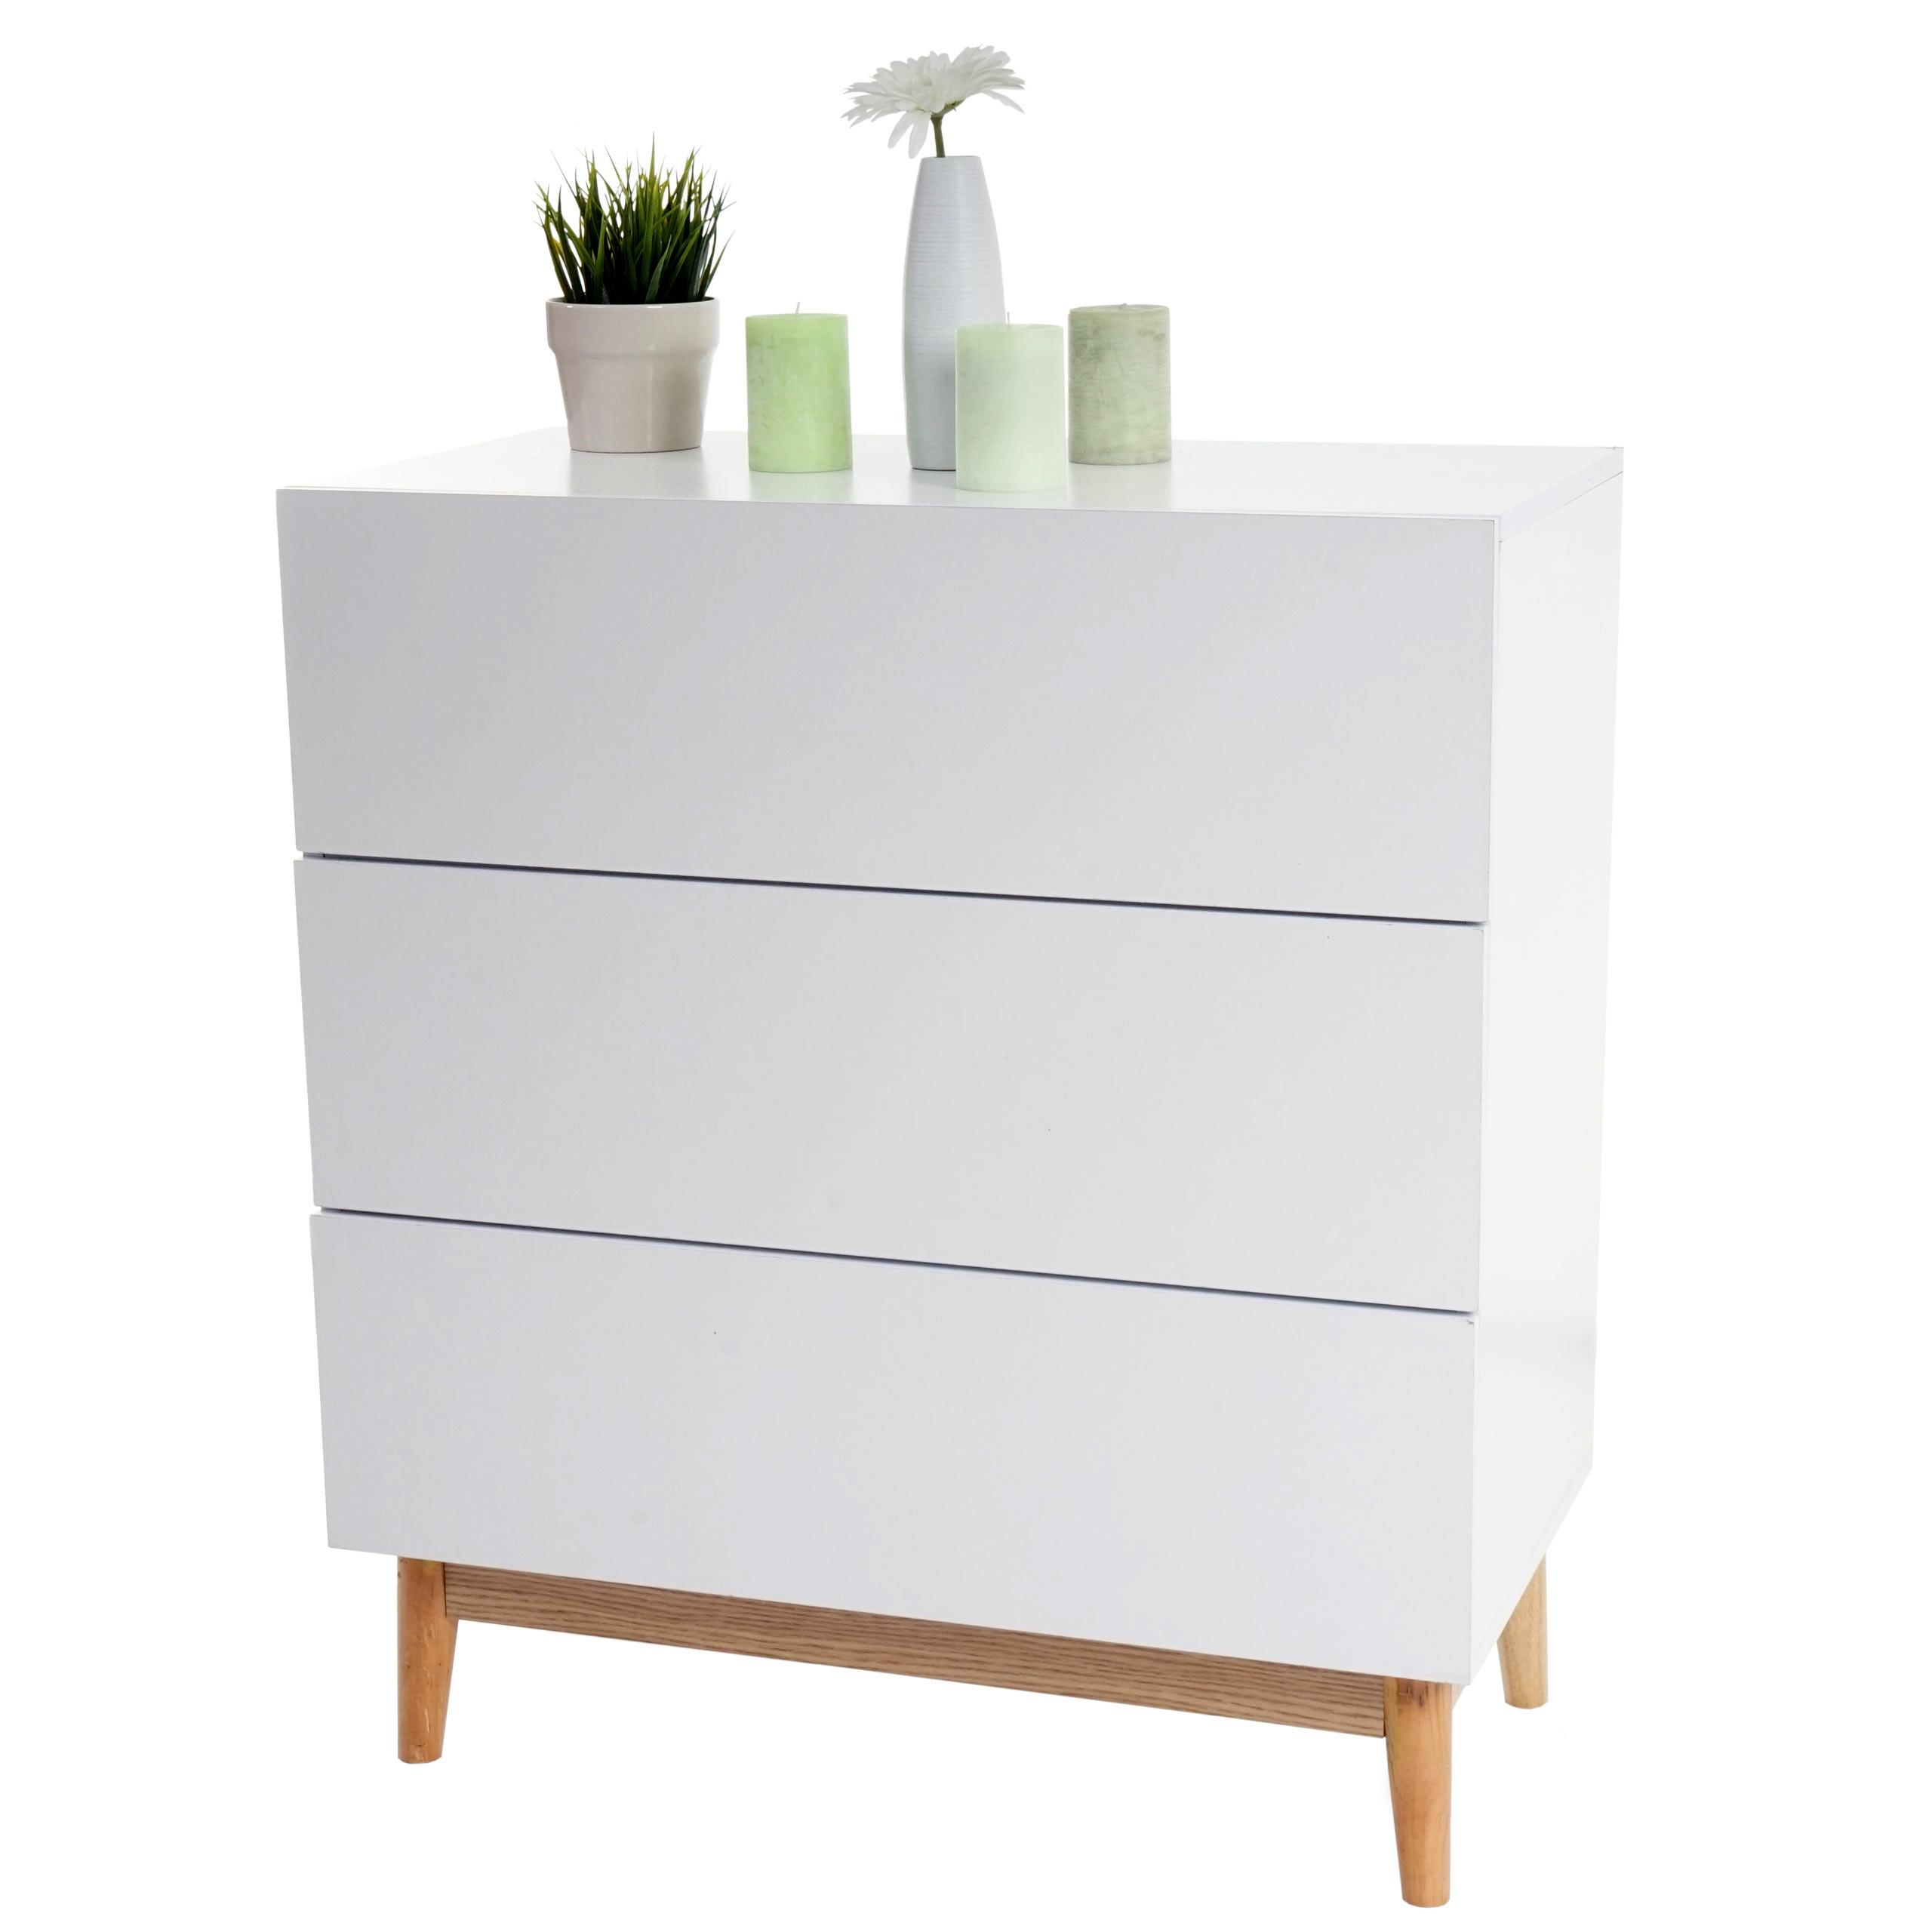 kommode 40 cm tief sonstige preisvergleiche erfahrungsberichte und kauf bei nextag. Black Bedroom Furniture Sets. Home Design Ideas